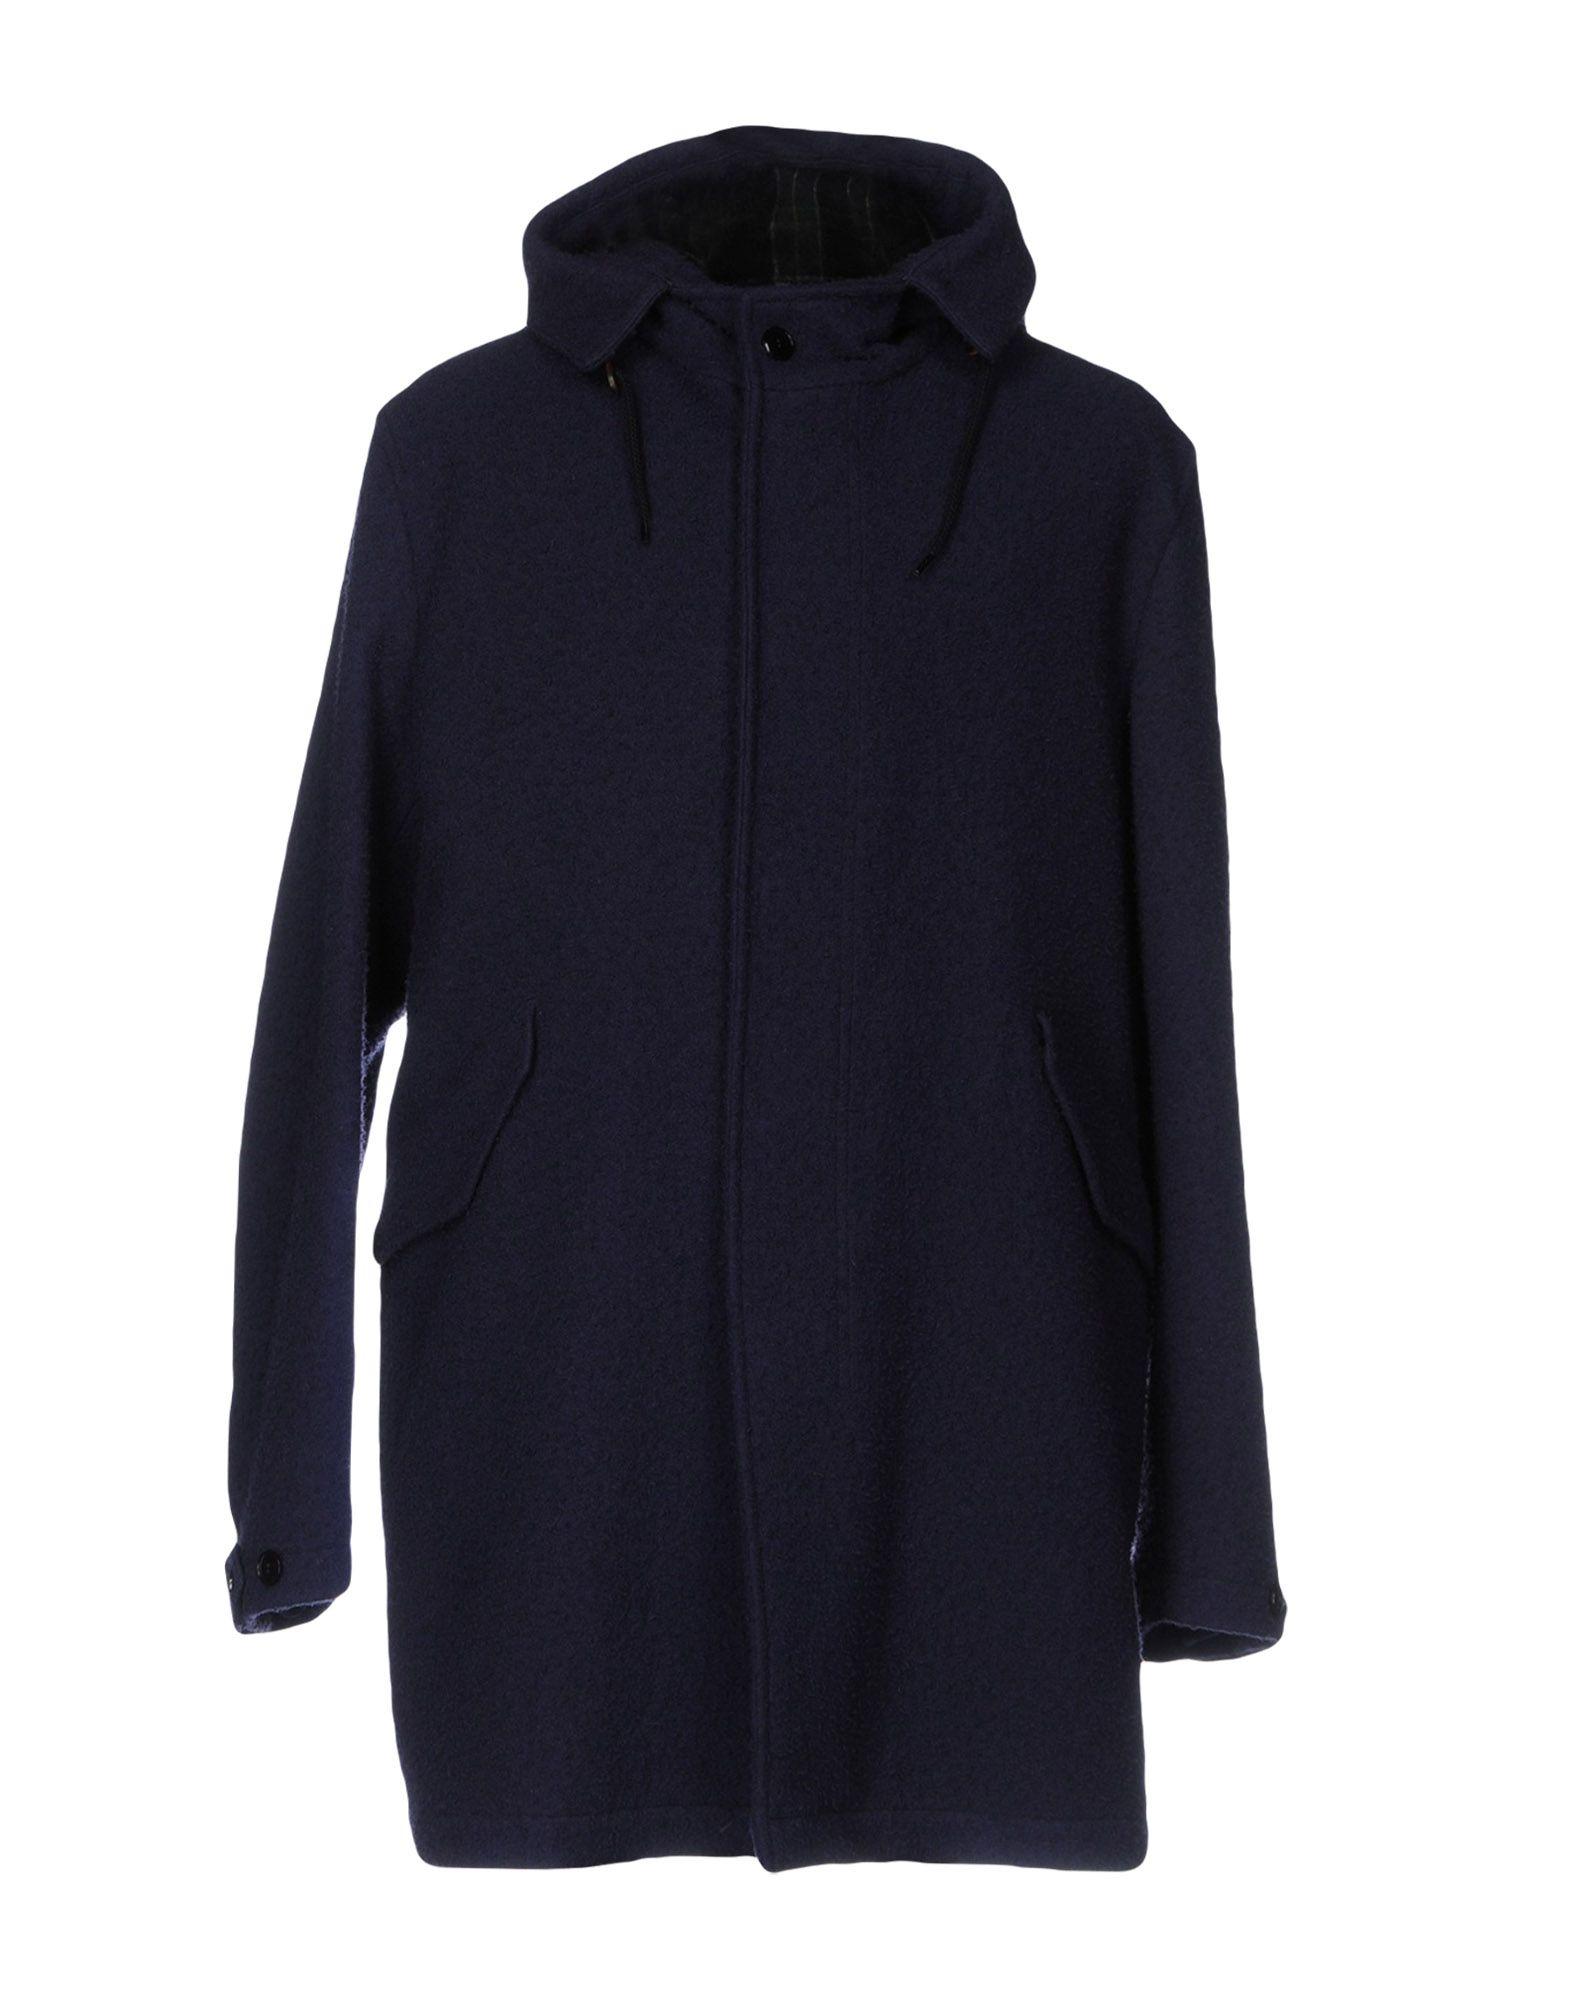 MONTEDORO Coat in Dark Blue